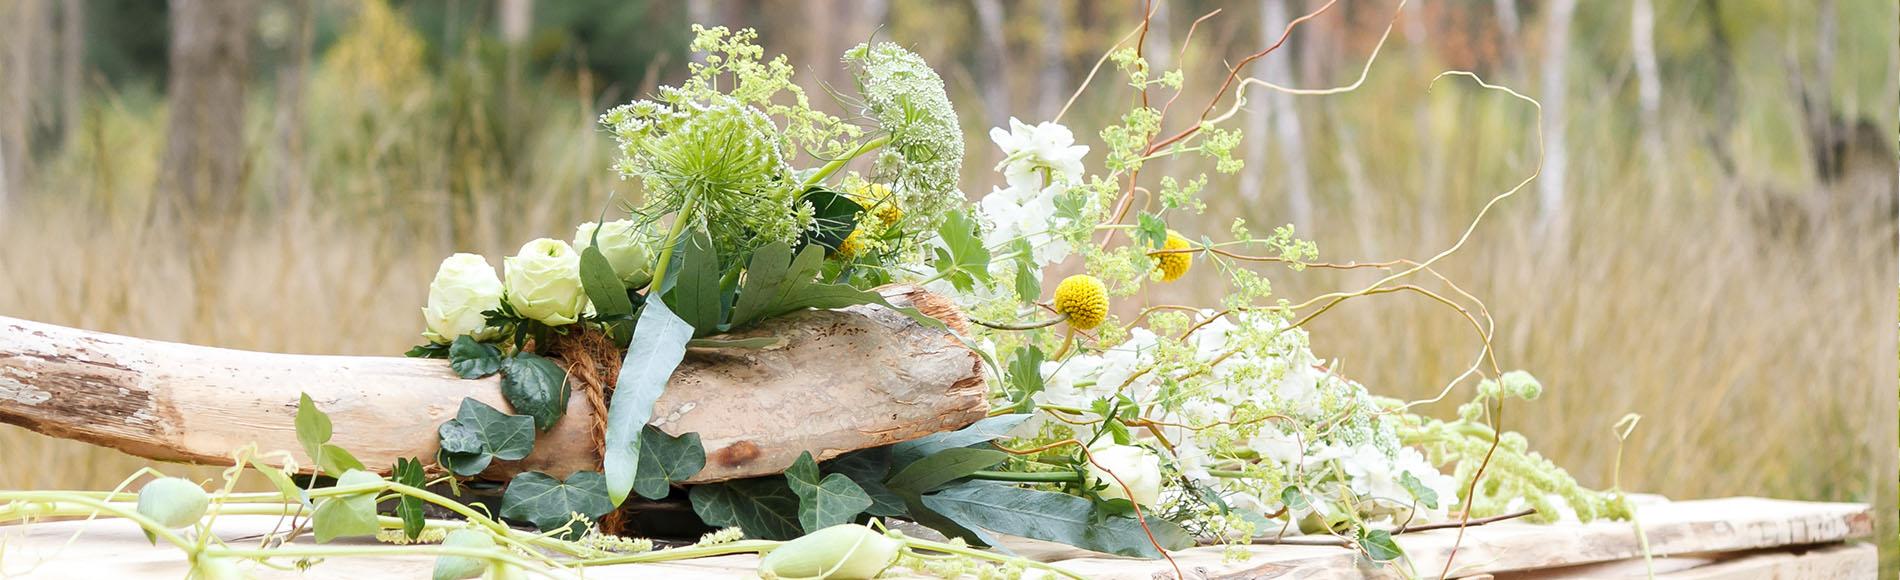 De natuurlijke schoonheid van bloemen biedt troost tijdens een uitvaart.